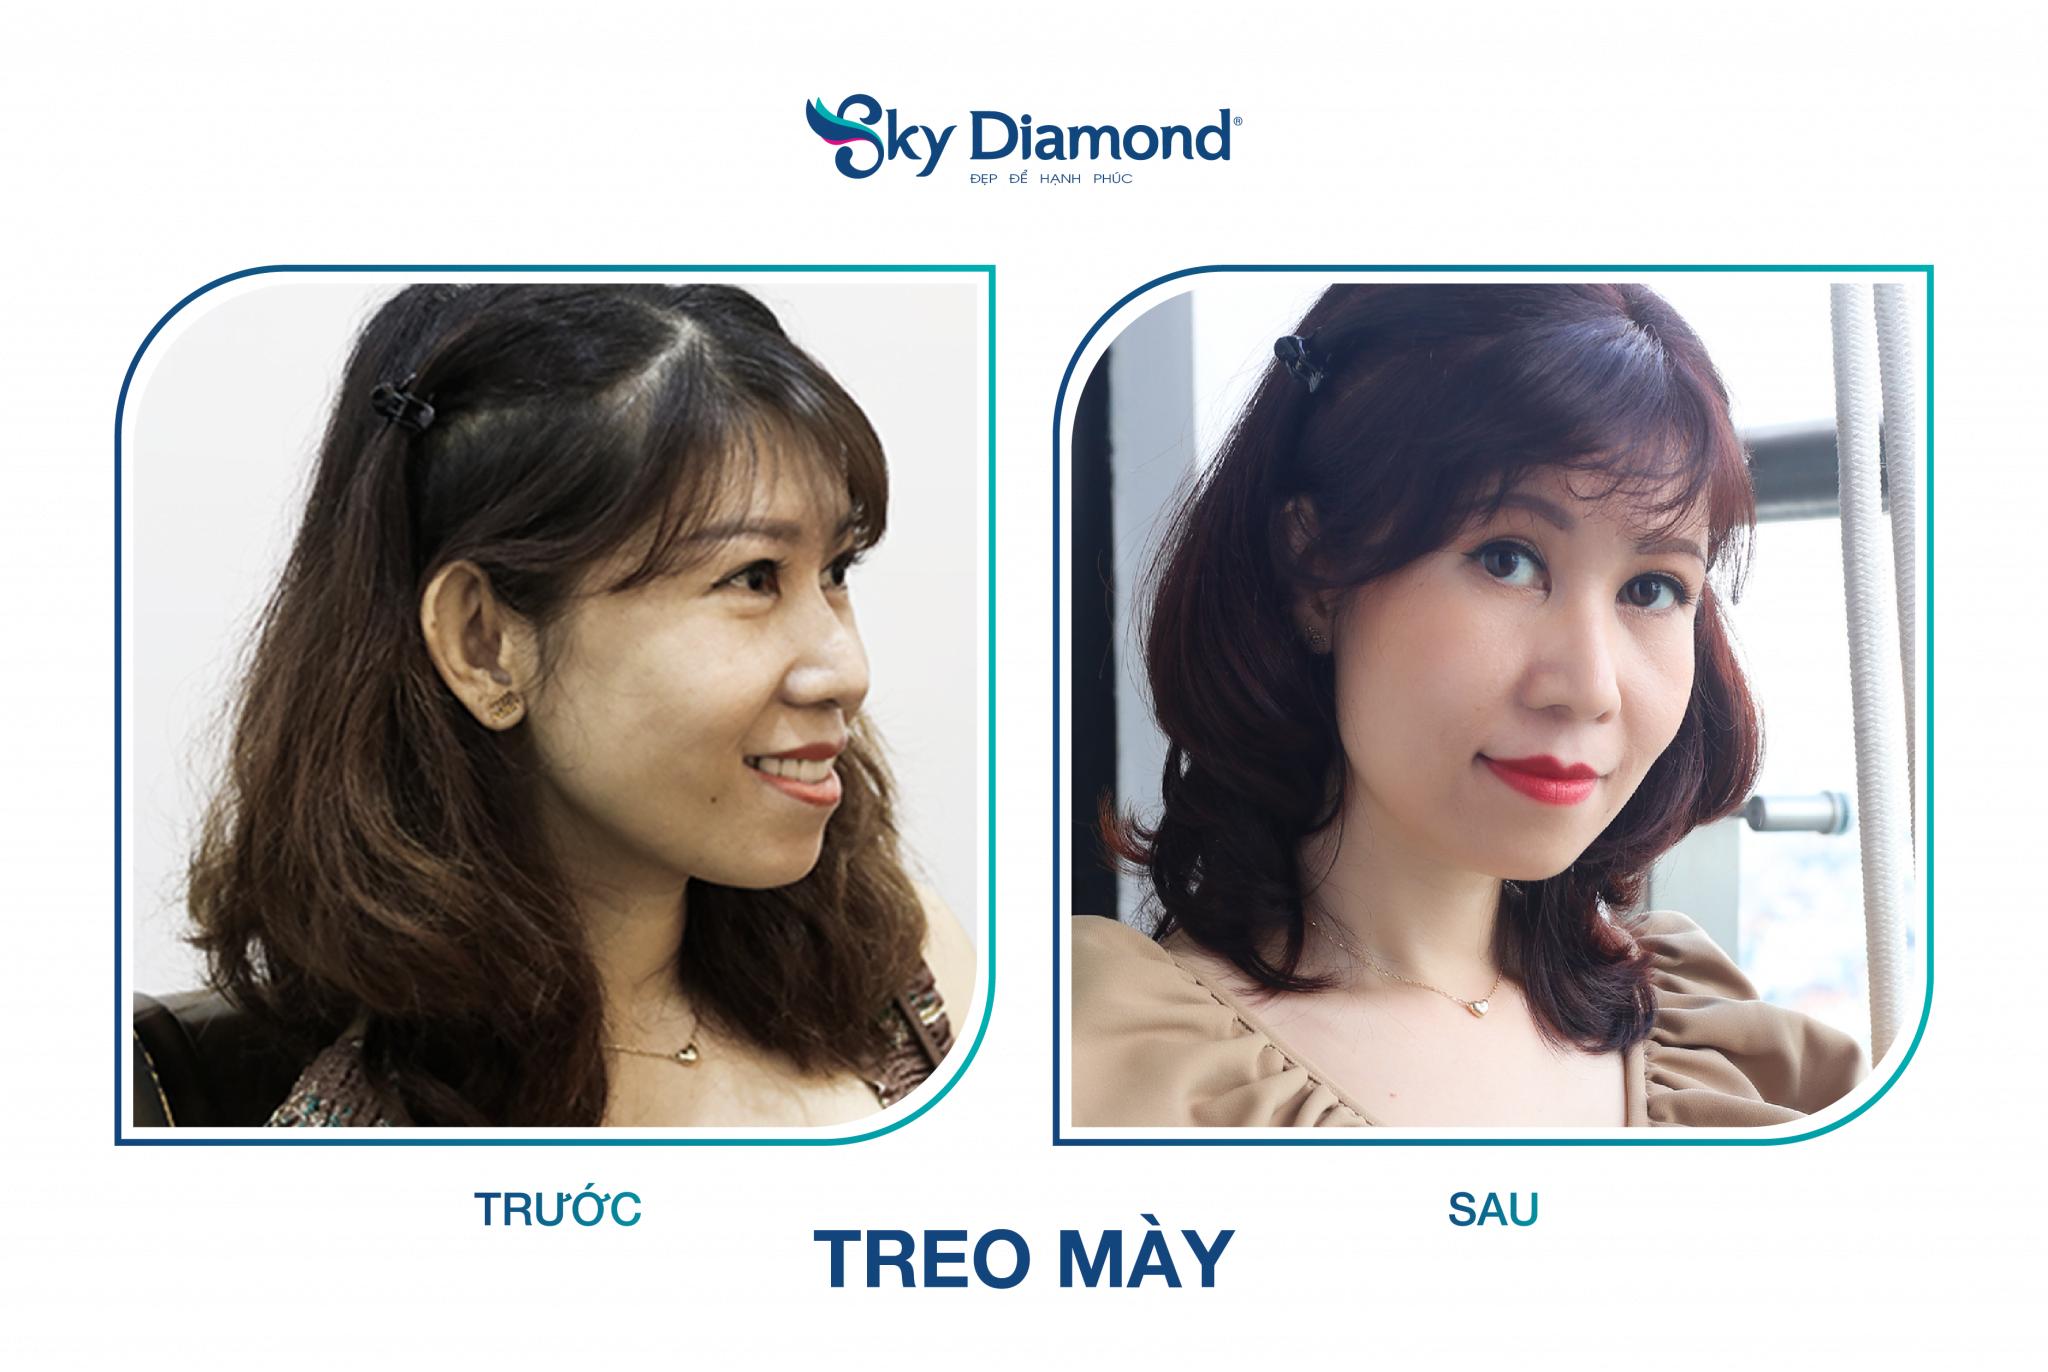 Treo may Myome